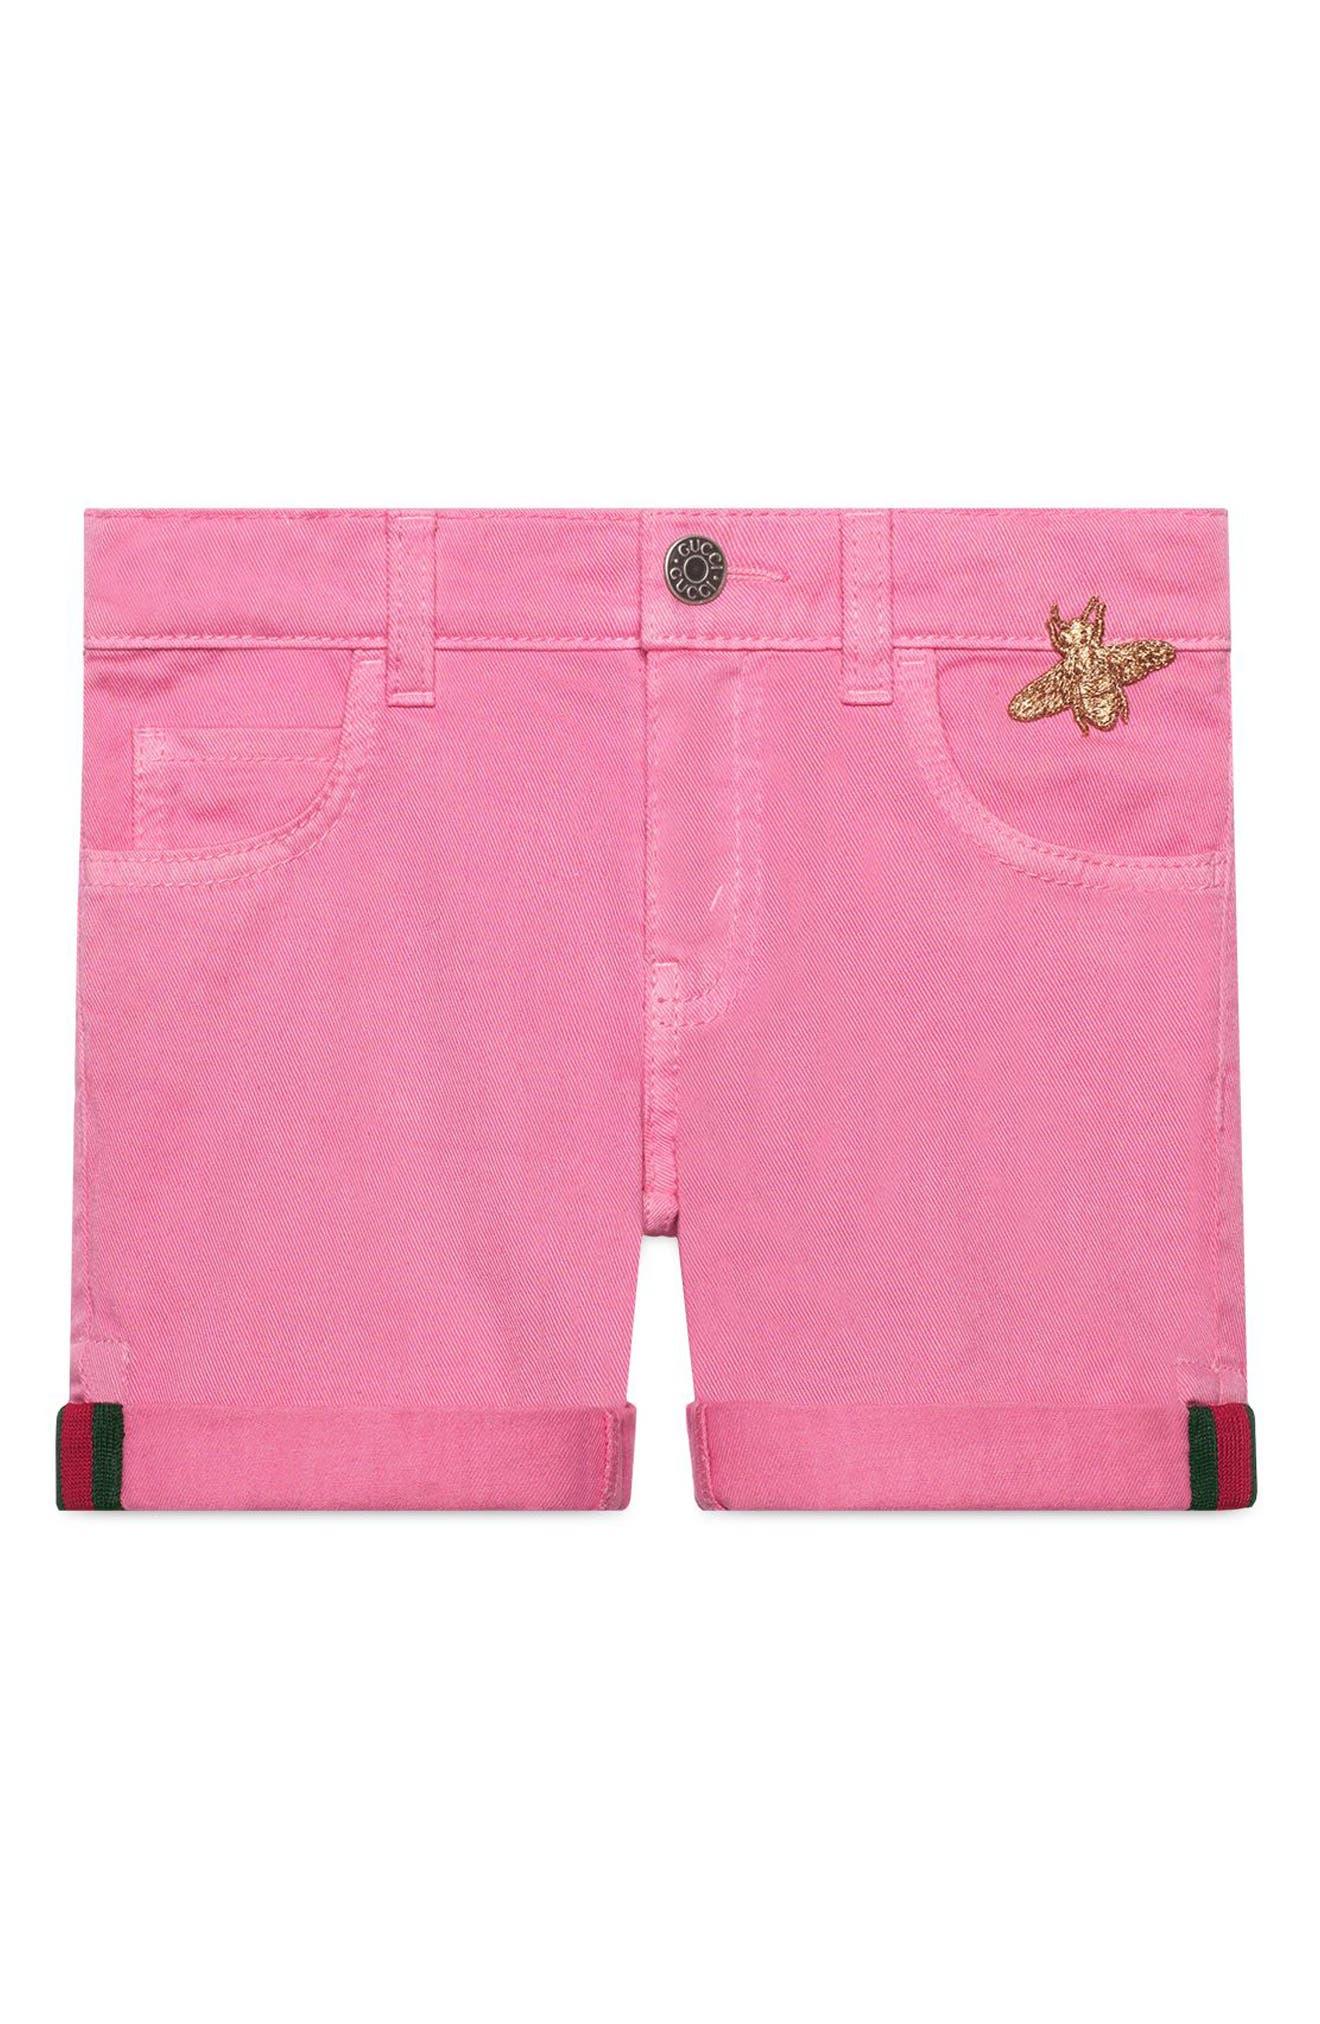 Pink Denim Cuffed Shorts,                         Main,                         color, COPPER/ ROSE